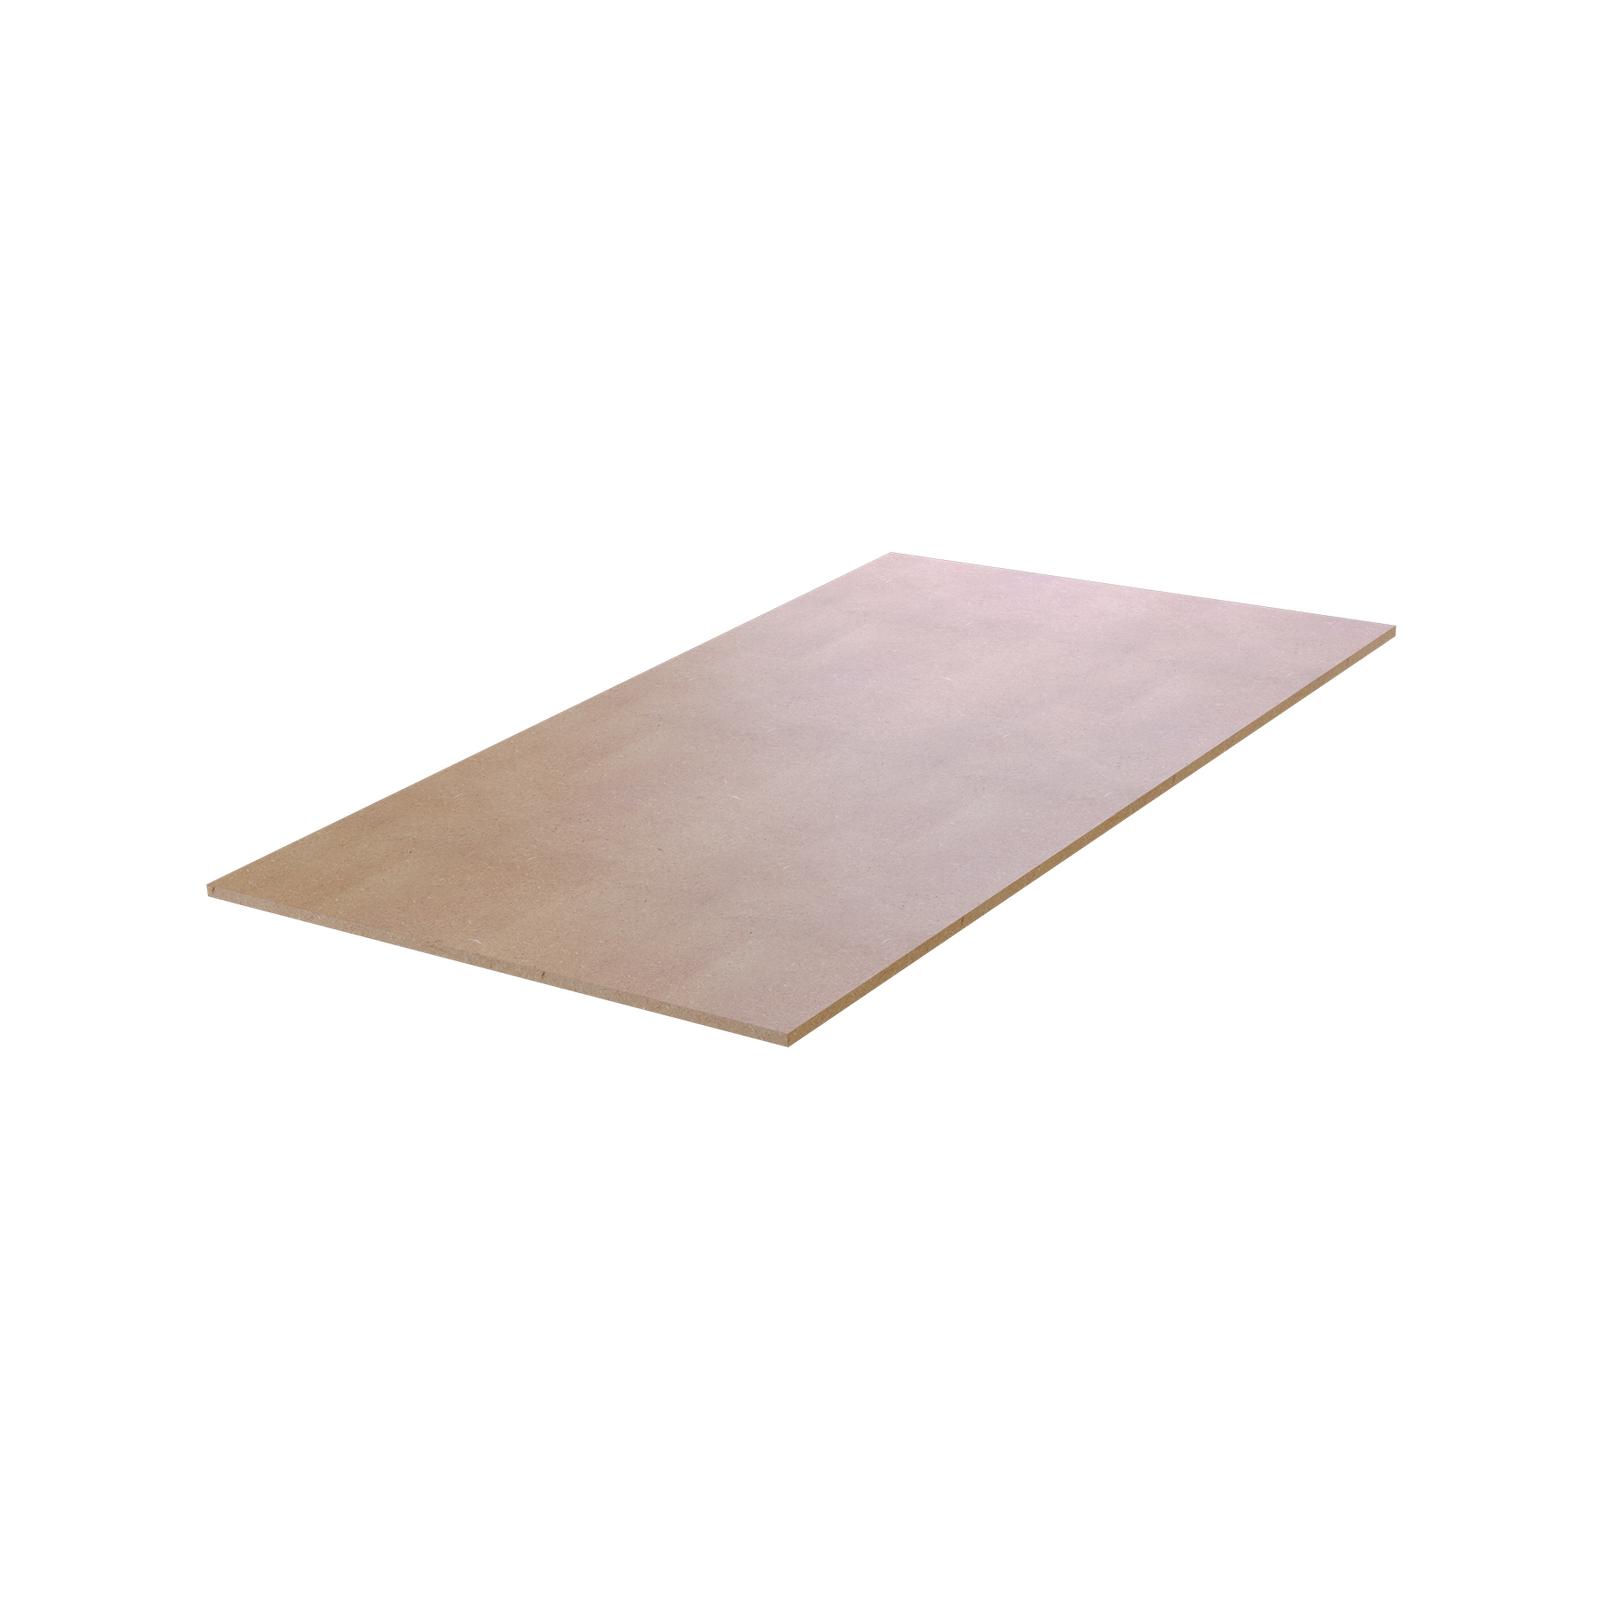 Rack It 897 x 497mm Light Brown 400kg MDF Shelf For 530 Rack Depth